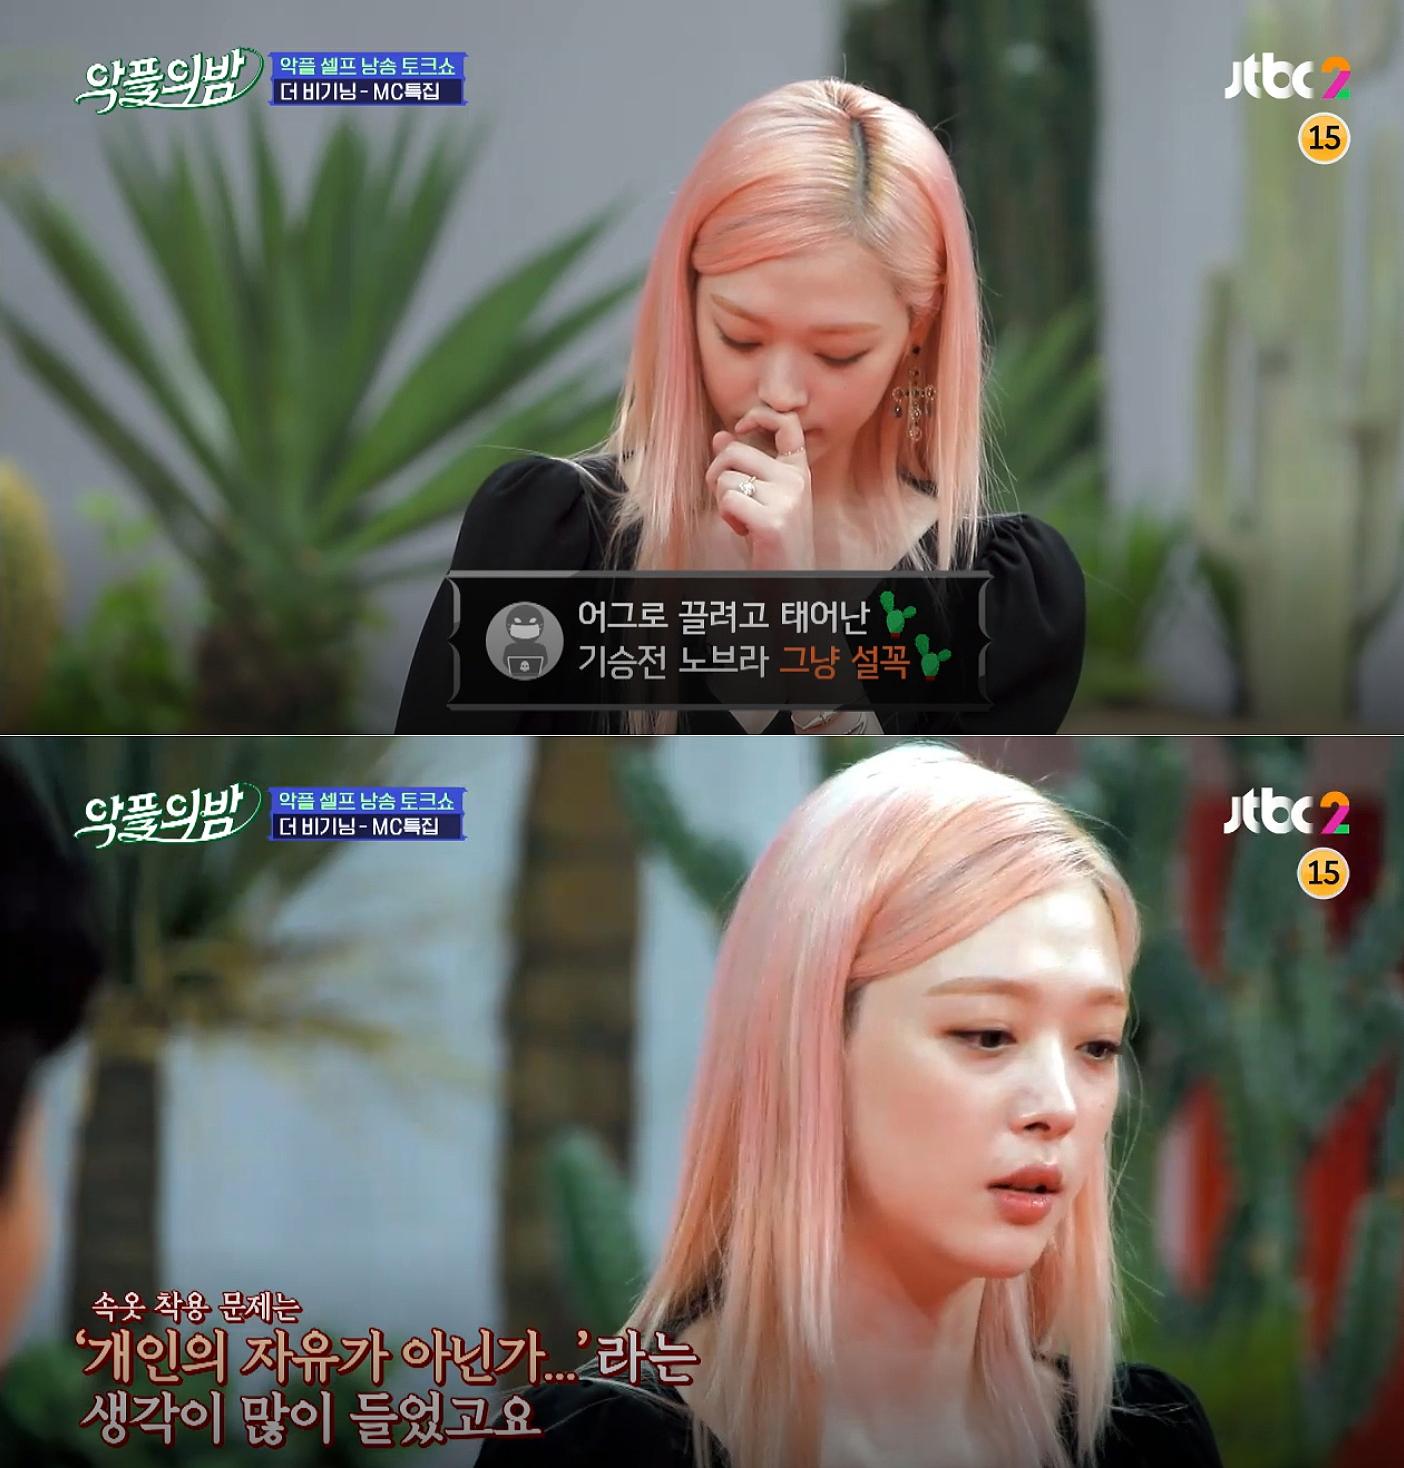 지난 6월 21일 JTBC2 '악플의 밤'이 첫 방송됐다. MC 설리는 '기승전 노브라 그냥 설꼭지'라는 자신을 향한 악플을 직접 읽었다.